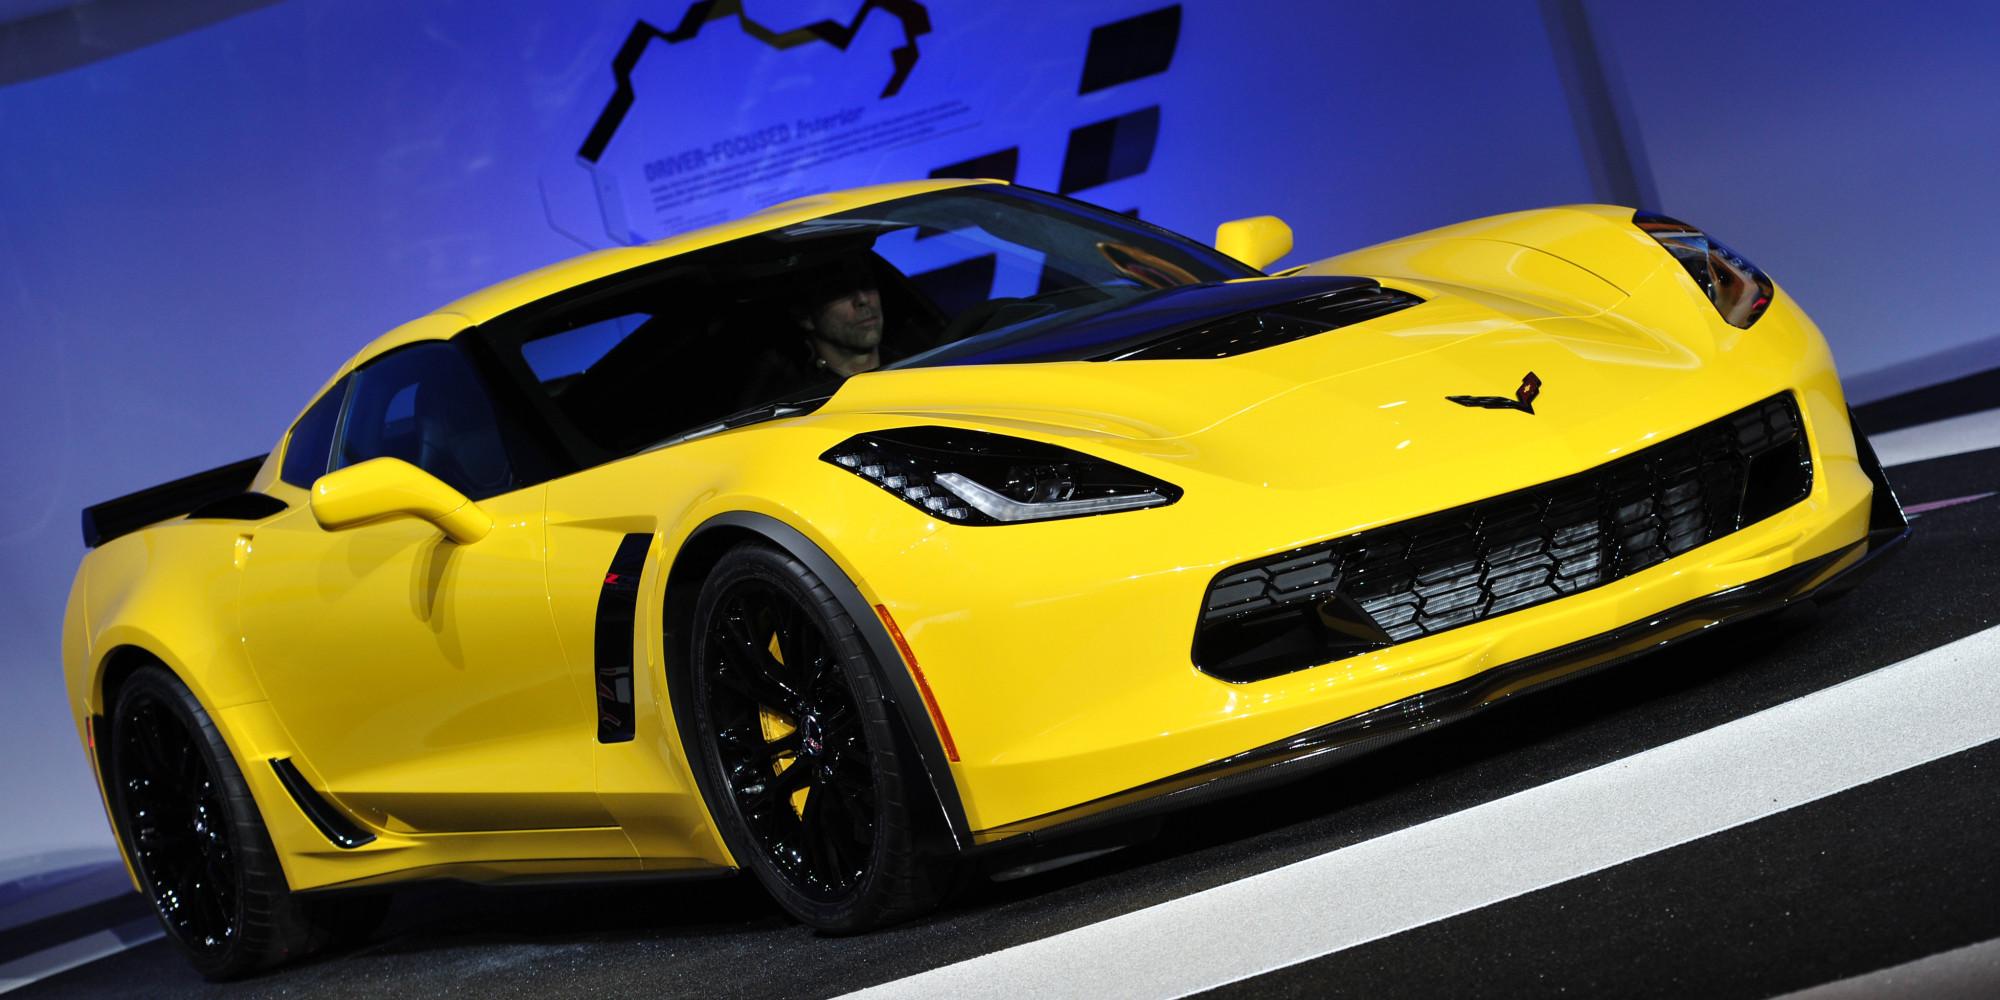 2015 Corvette Z06 Revealed At Detroit Auto Show PHOTOS